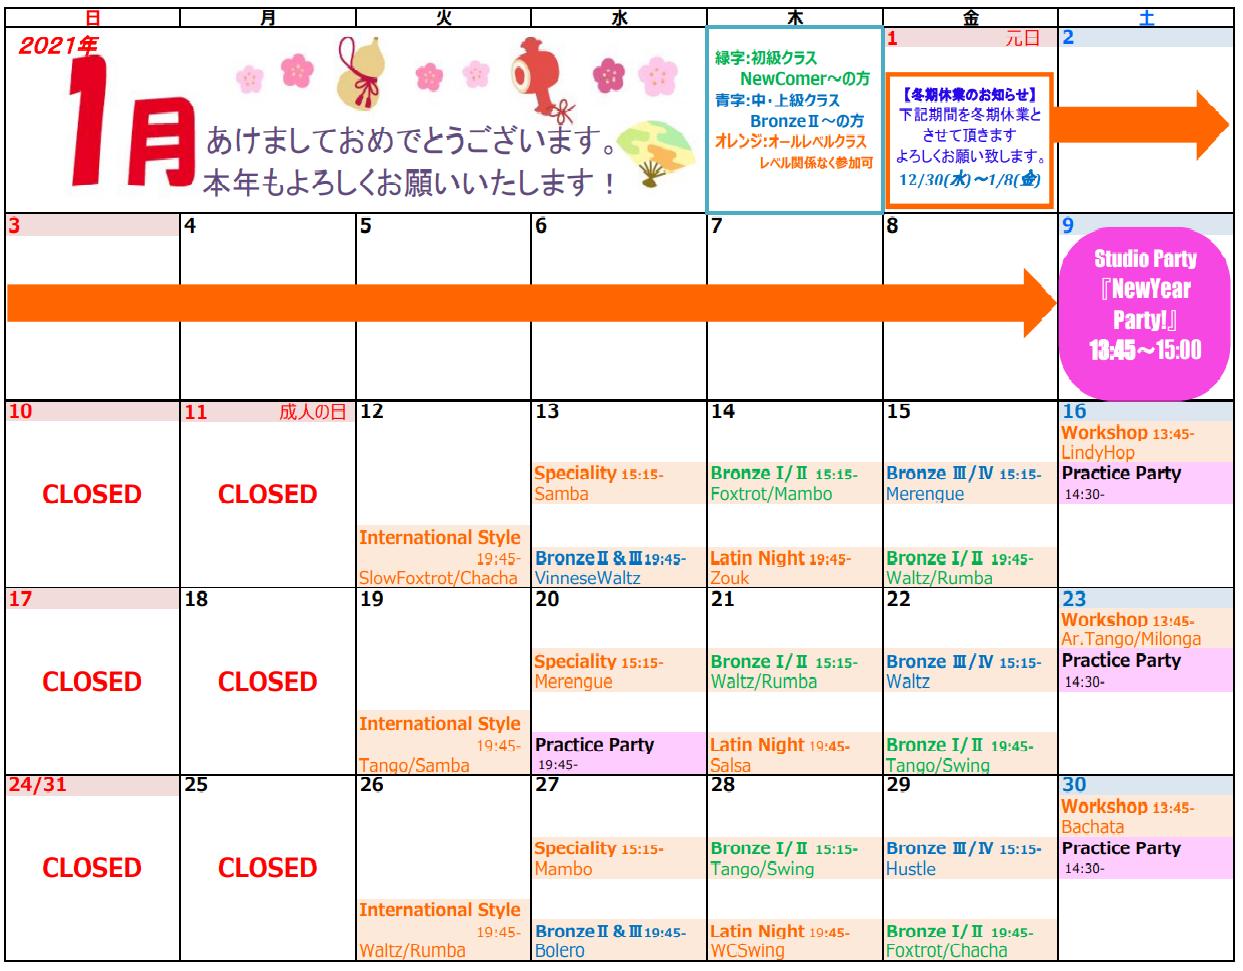 2021.01 Schedule